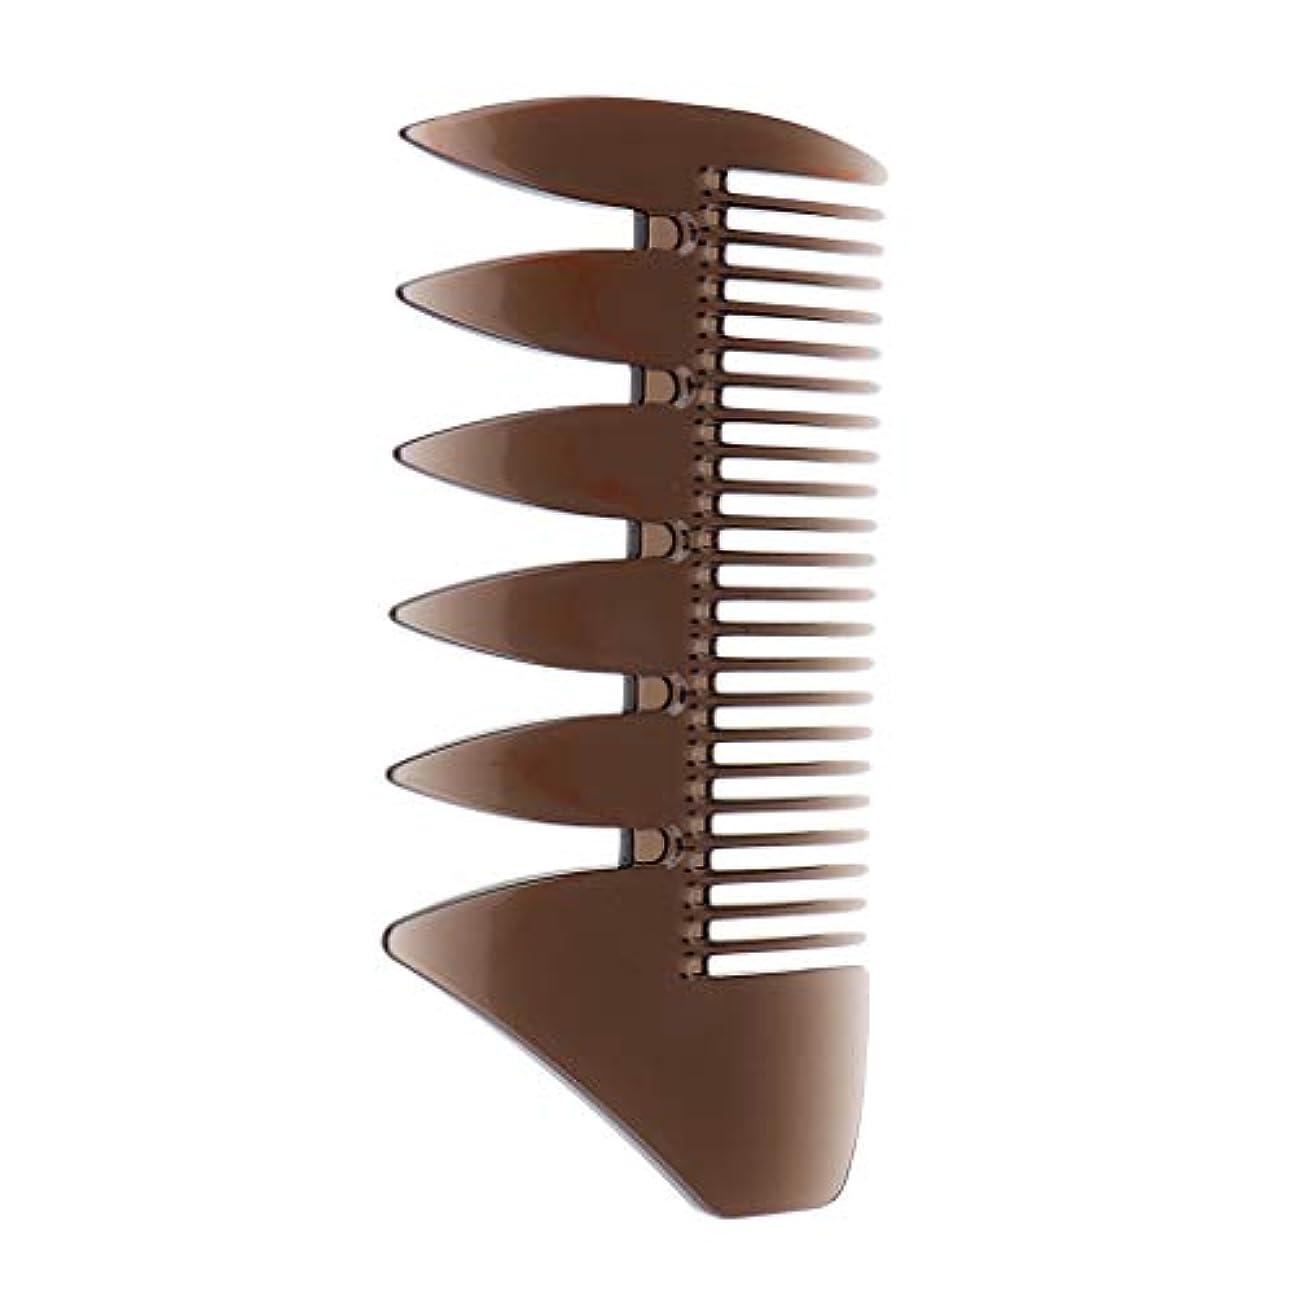 開梱病気のミリメートルF Fityle ヘアコンビ デュアルサイド メンズ オイルヘアピック サロン ヘアスタイリング 櫛 ヘアブラシ